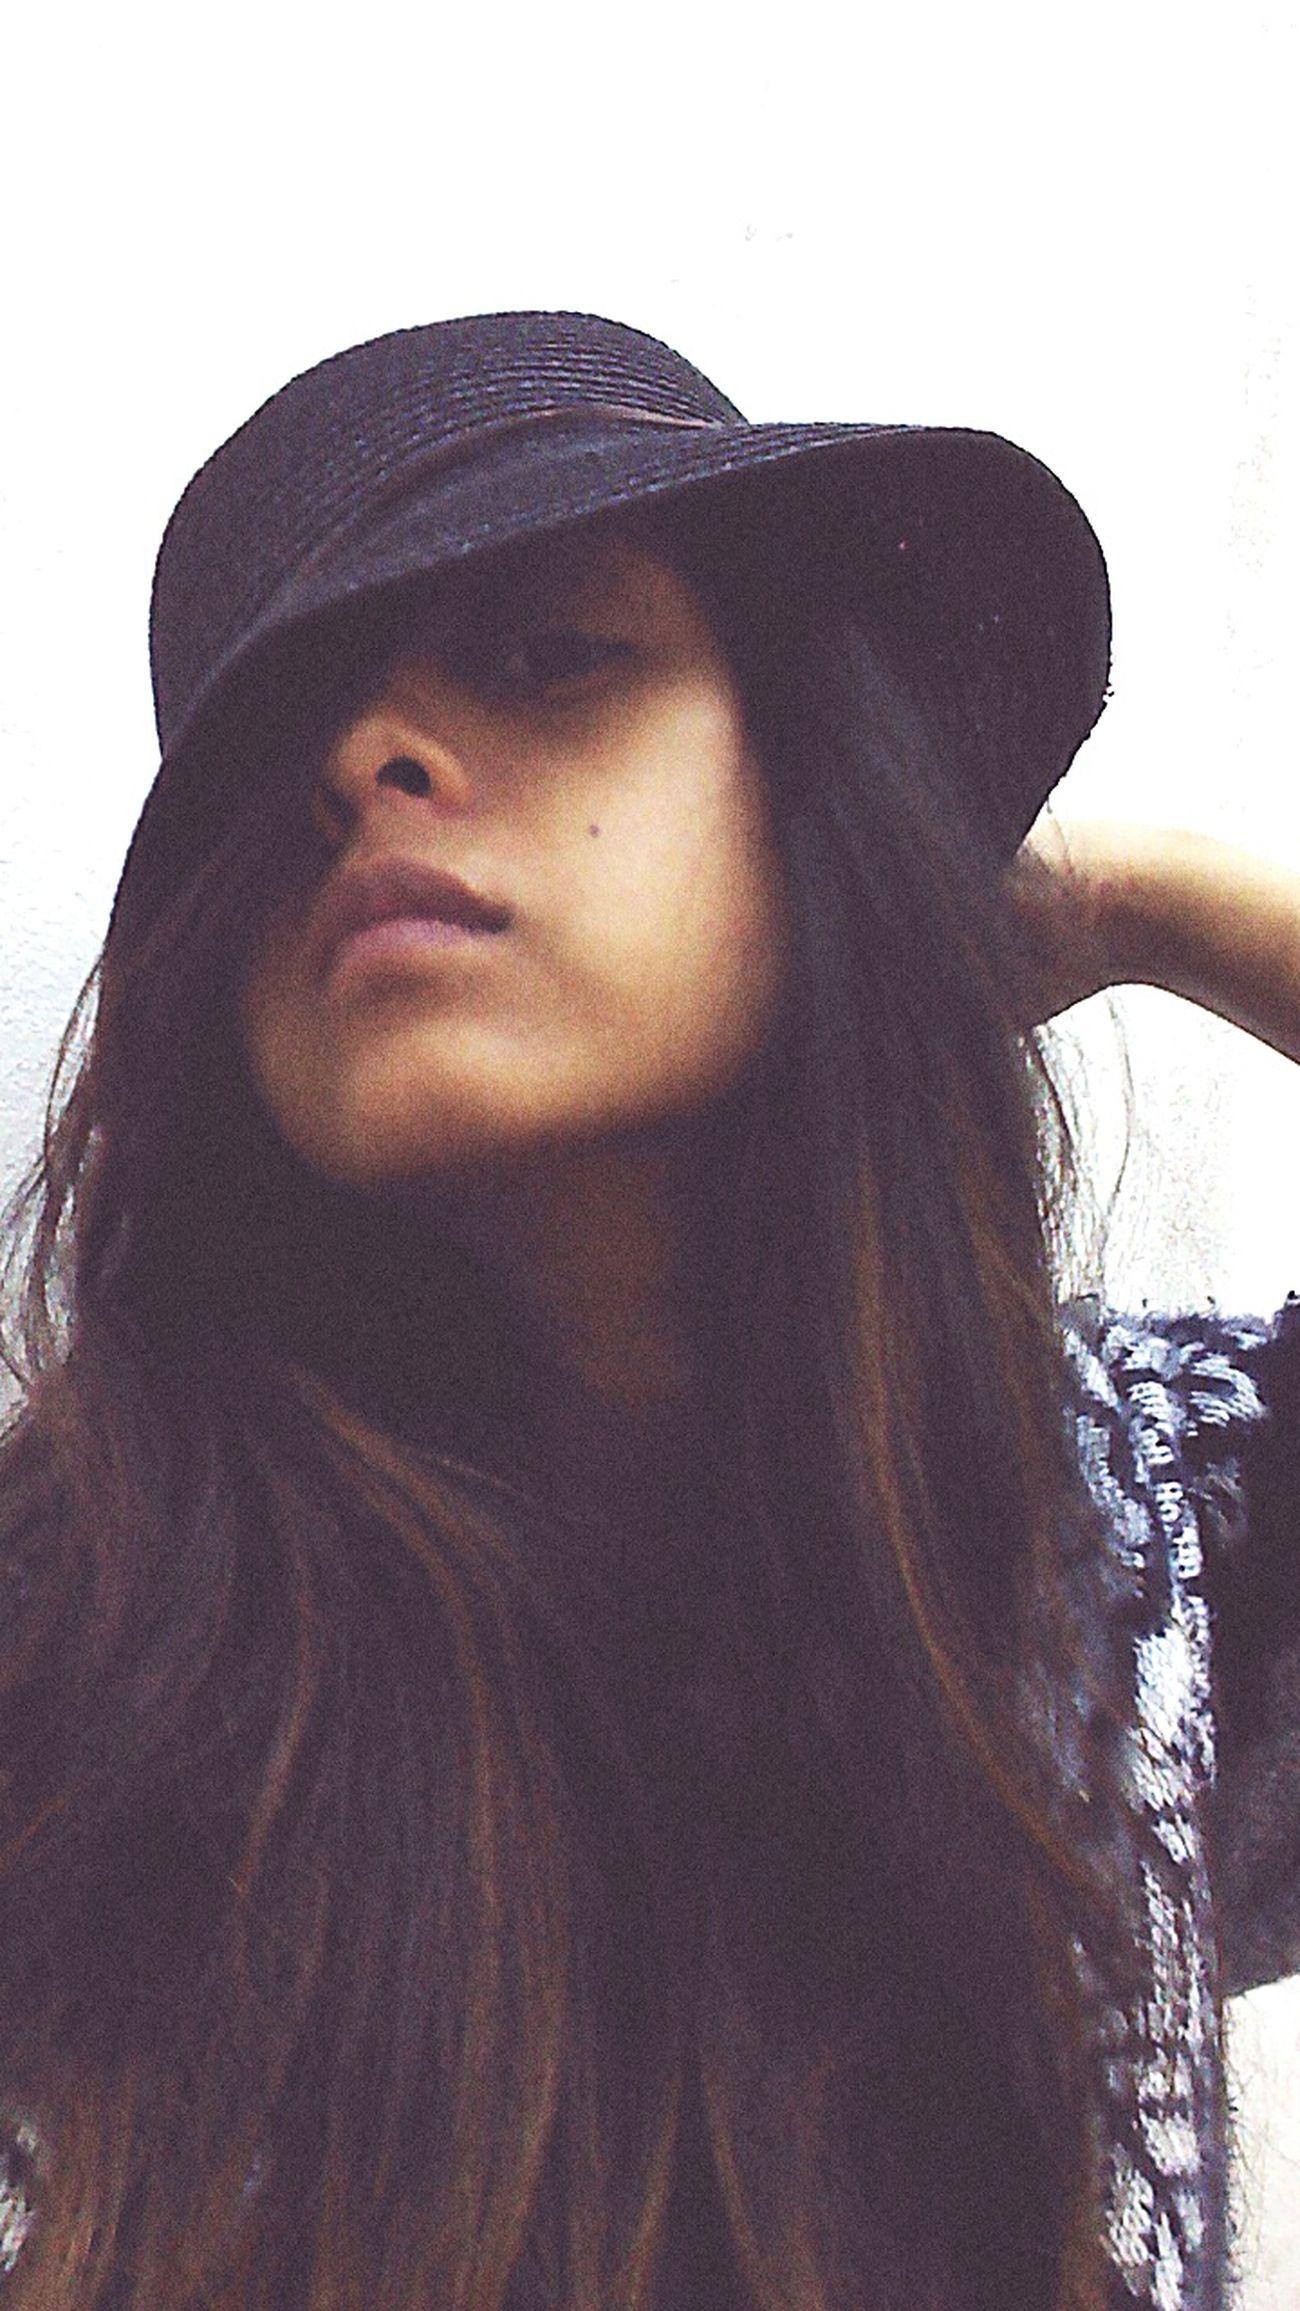 Just the way I am... New Hat! y por fin tengo Sombrerooooo!! Gracias Momón!